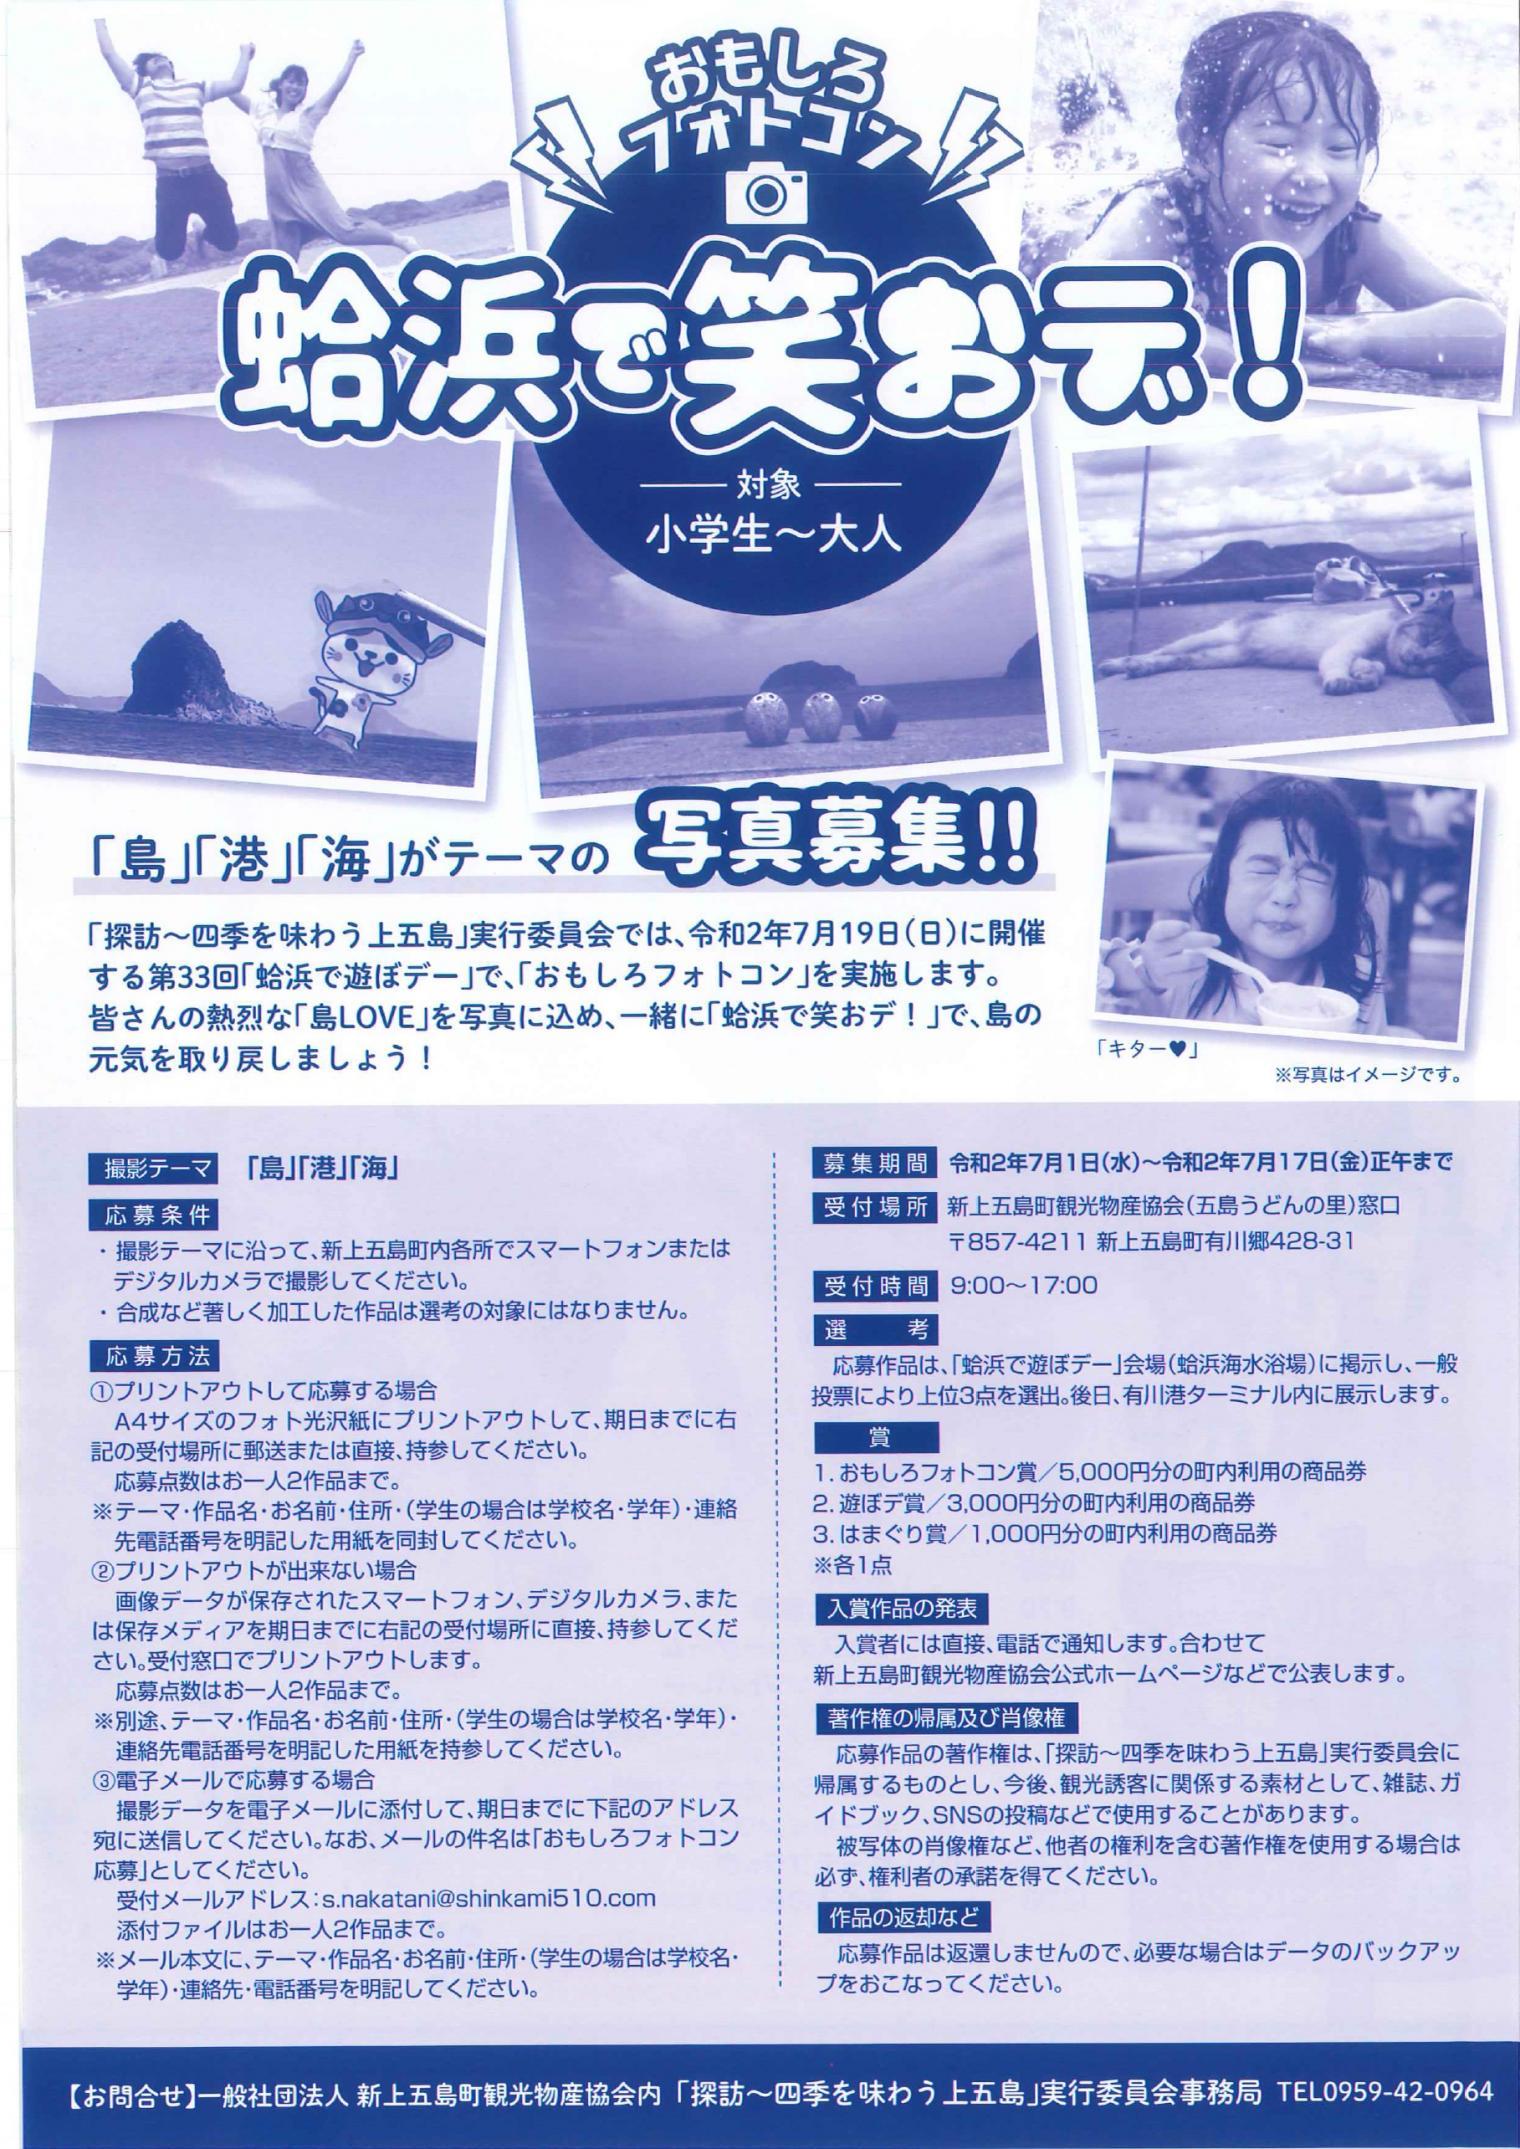 『蛤浜で遊ぼデー』の開催中止とおもしろフォトコン募集期間延長のお知らせ-1